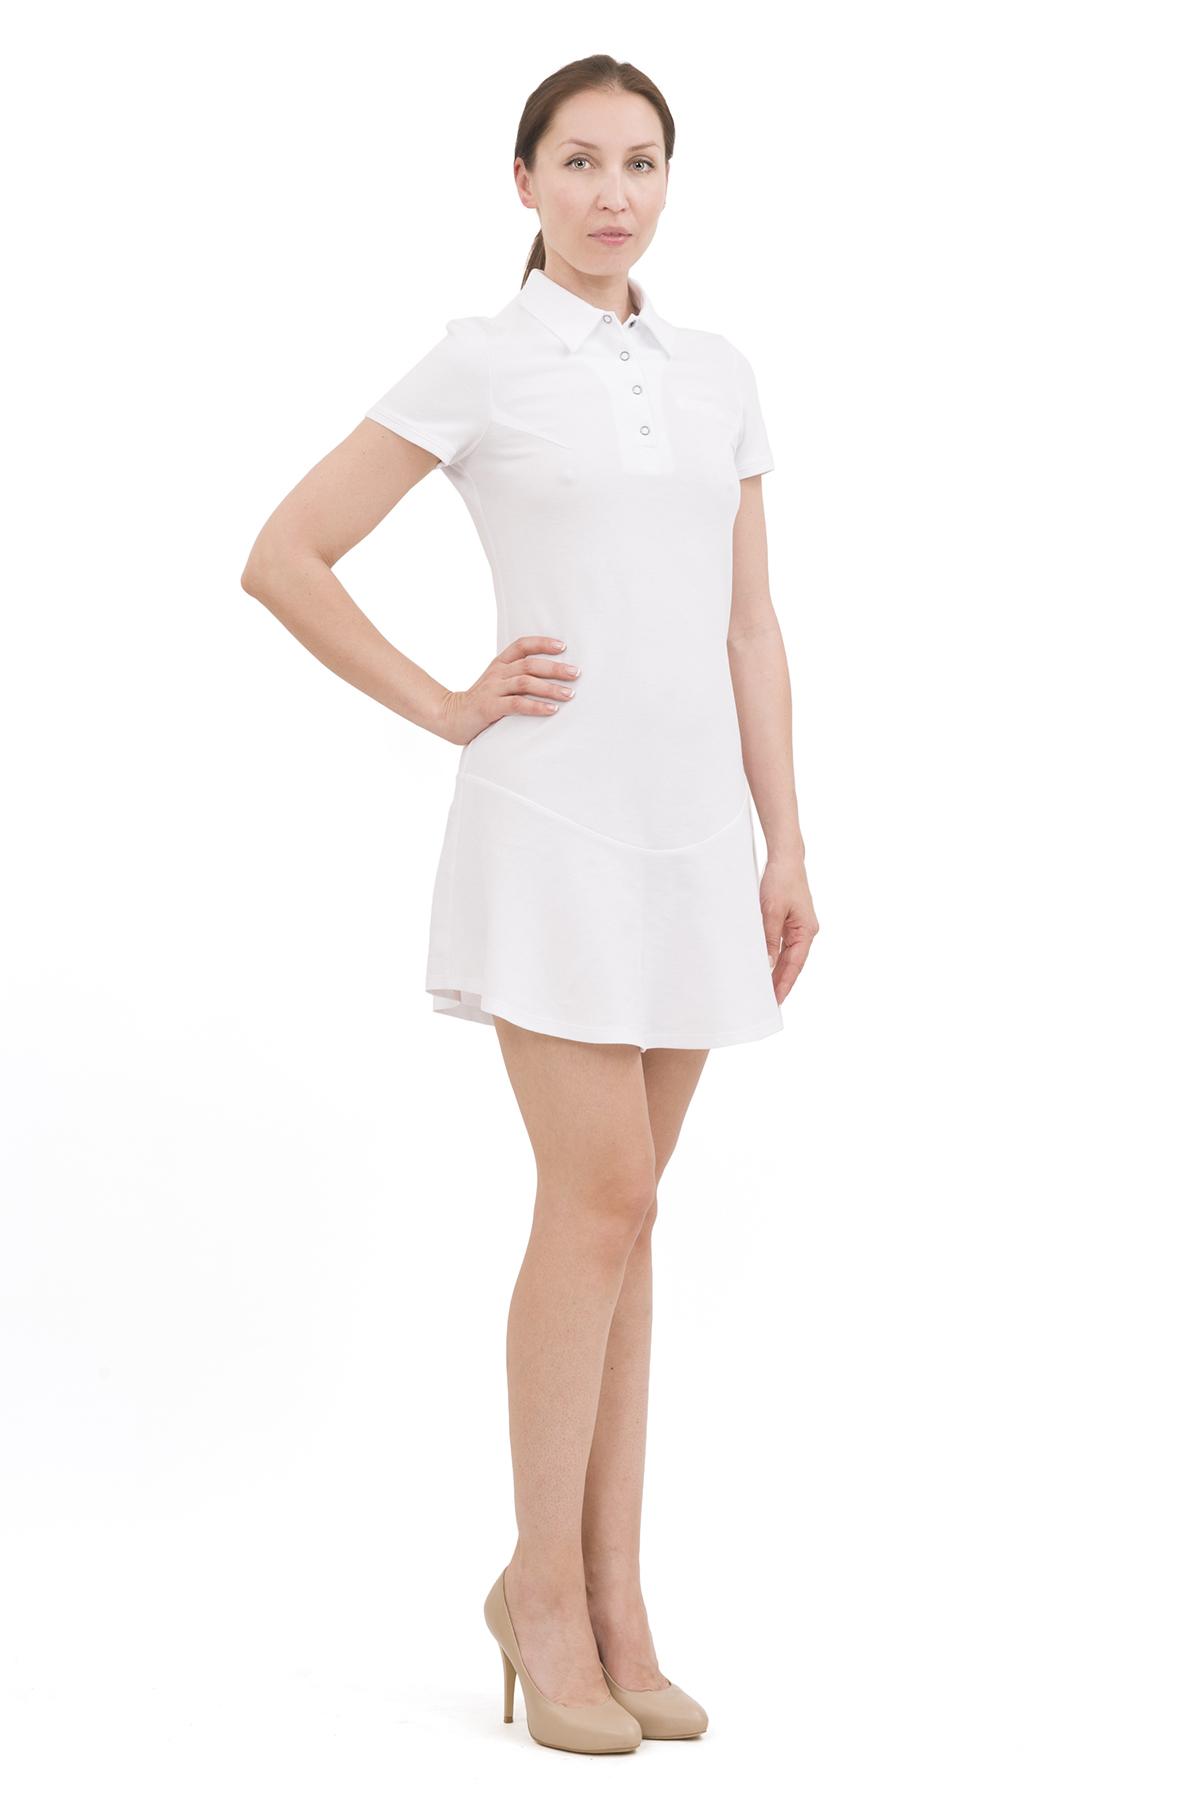 ПлатьеПлатья,  сарафаны<br>Изумительное платье яркой расцветки и оригинального дизайна не оставит Вас незамеченной среди окружающих. Отличный вариант на лето!<br><br>Цвет: белый<br>Состав: 100% хлопок<br>Размер: 40,42,44,46,48,50,52,54,56,58,60<br>Страна дизайна: Россия<br>Страна производства: Россия